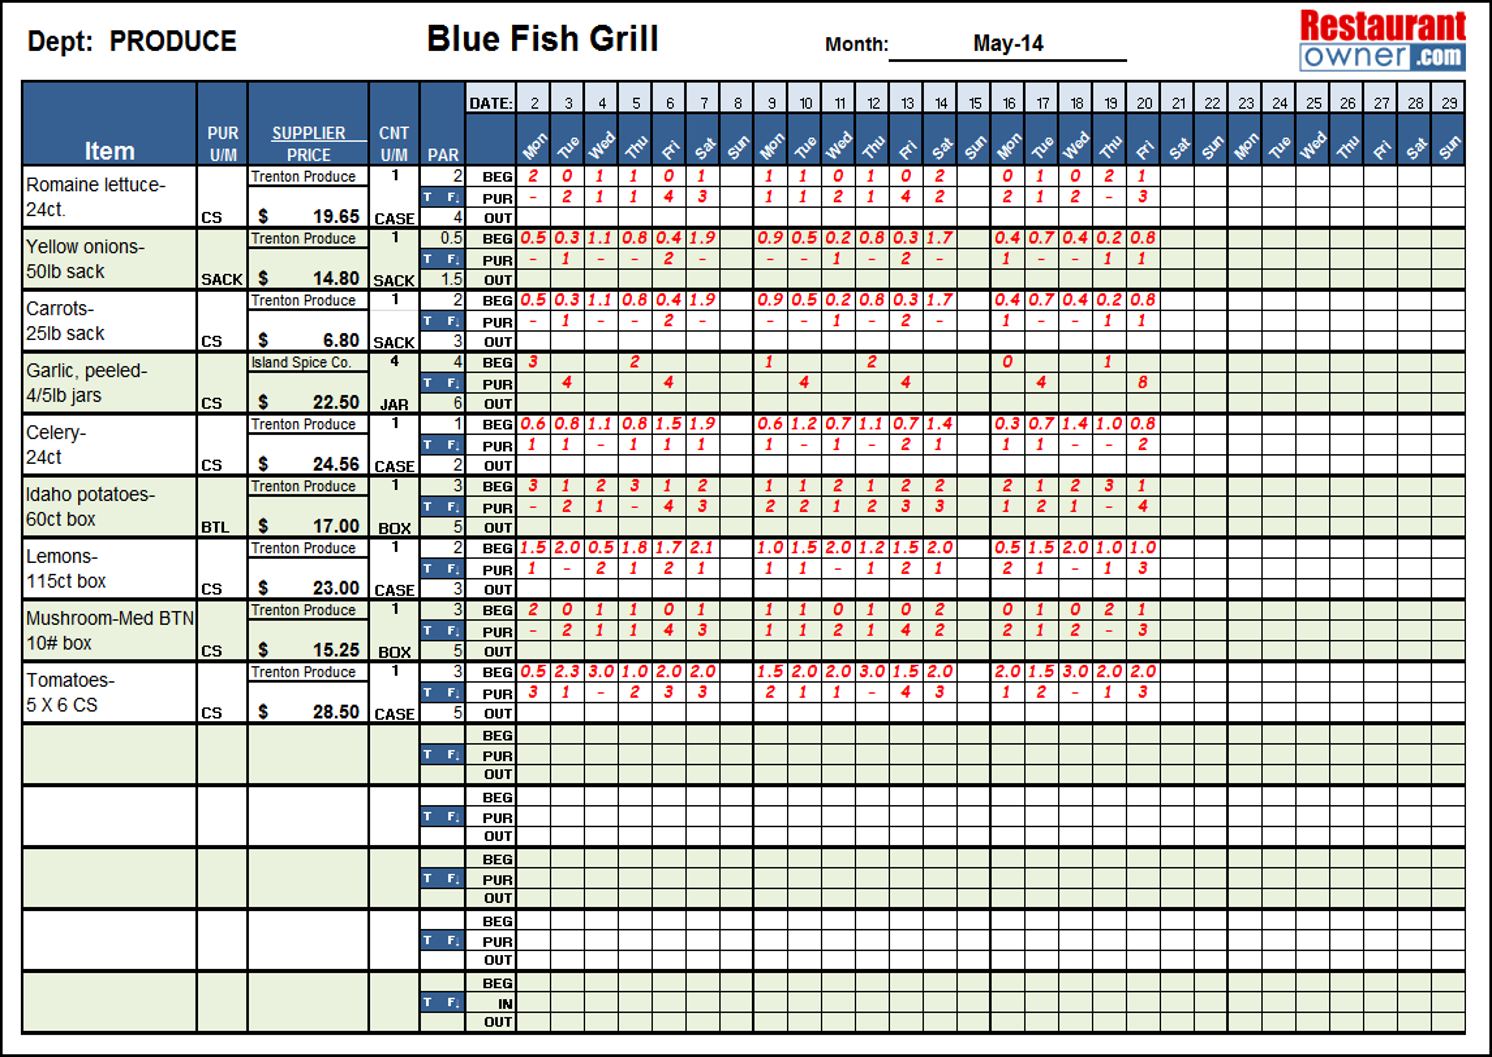 Restaurant Order Guide Form